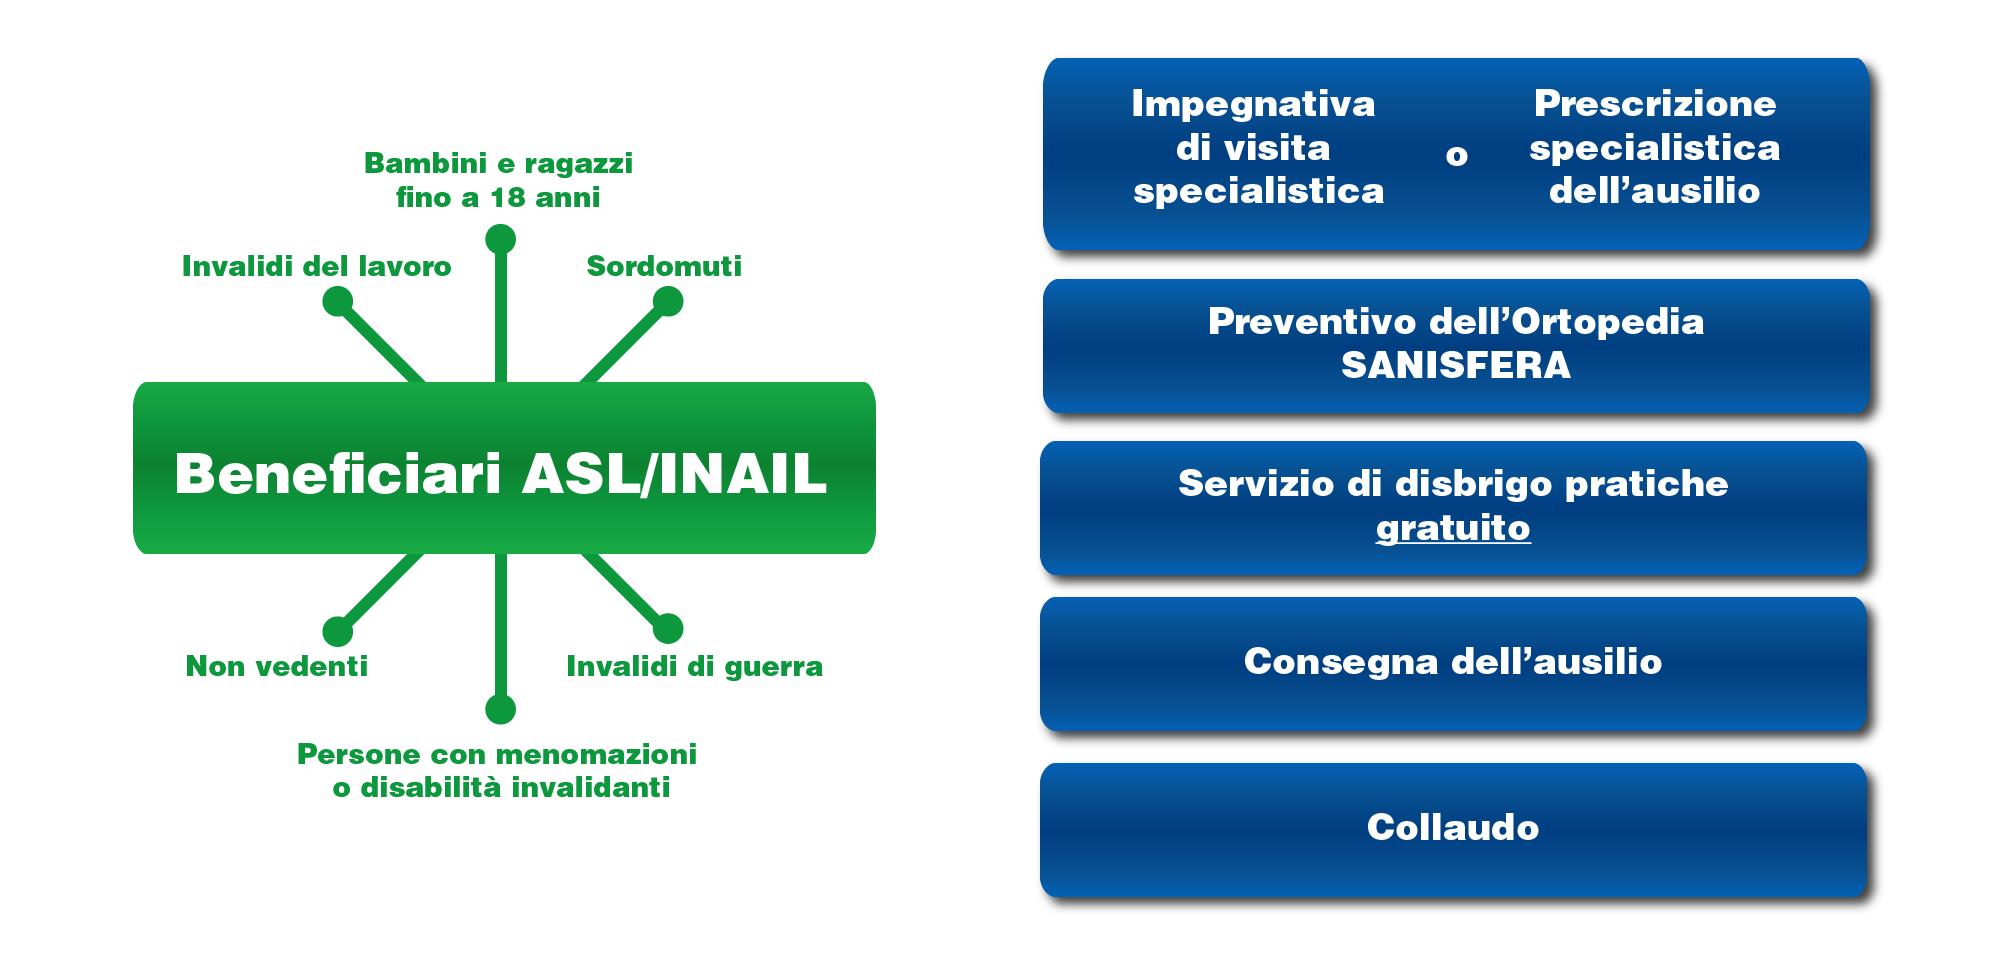 modalità di accesso alla convenzione ASL tramite Sanisfera, ortopedia sanitaria convenzionata ASL Roma